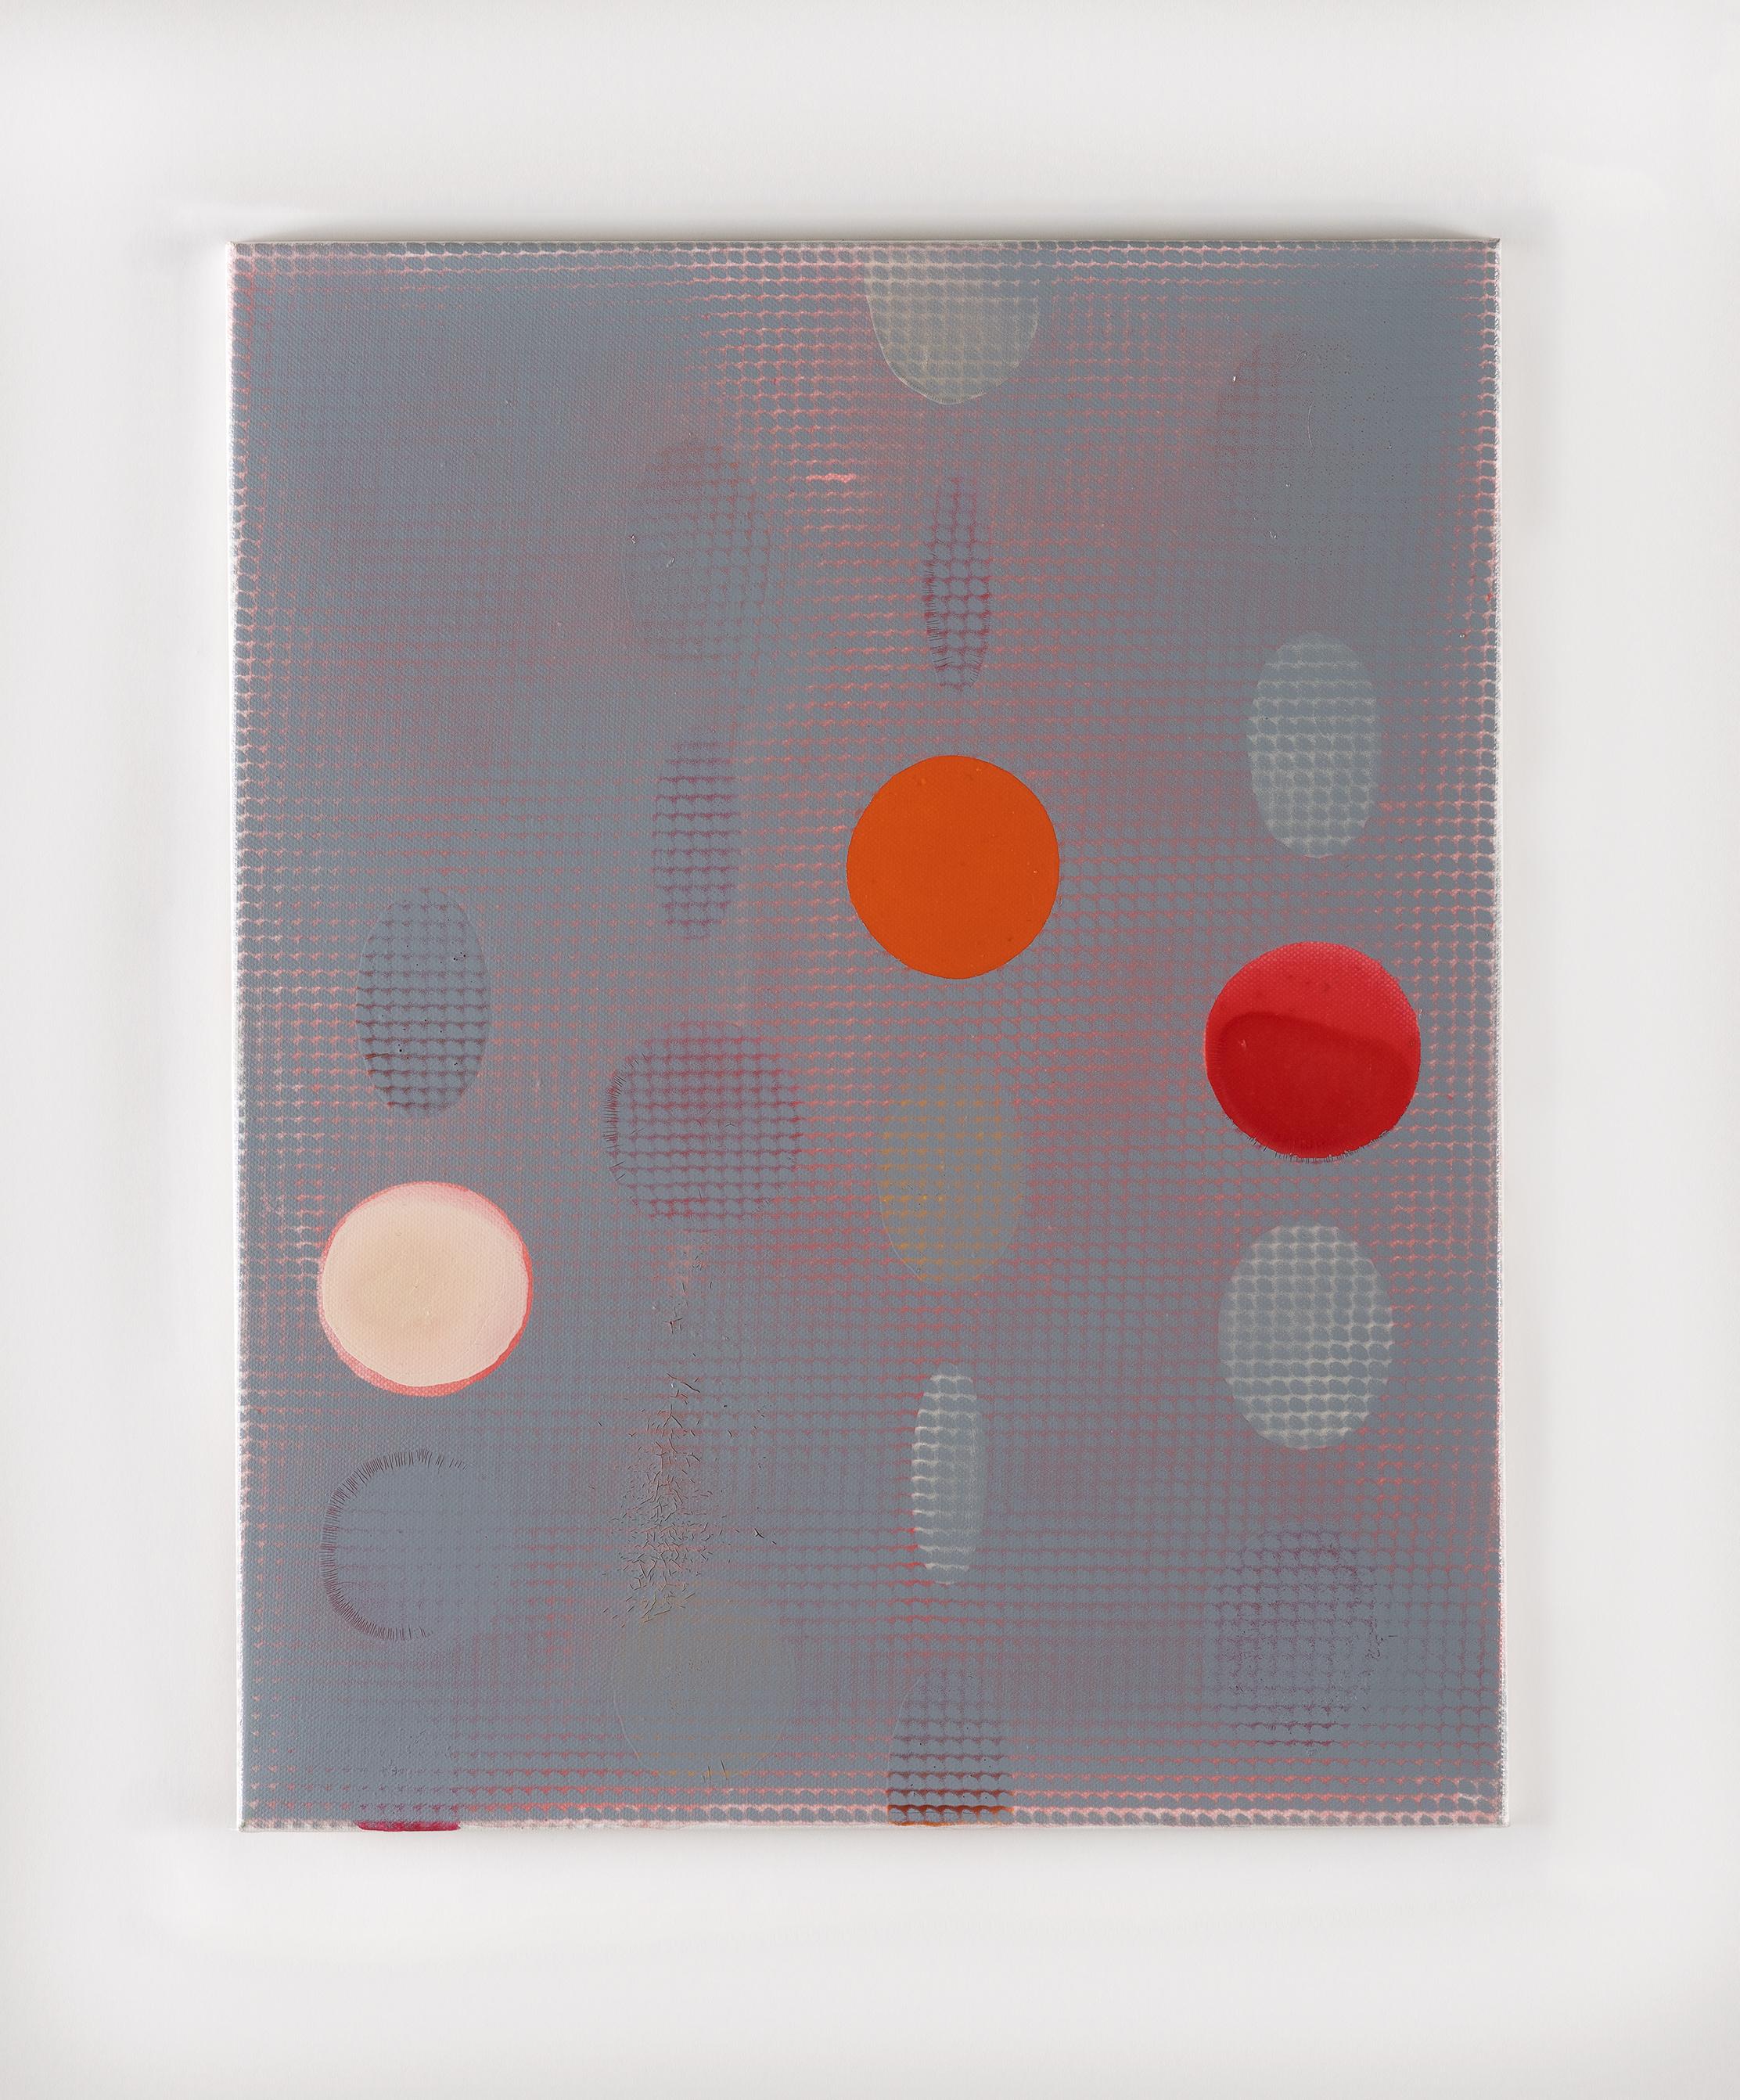 Átfedett szürke 2016, 50x40 cm akril, vászon